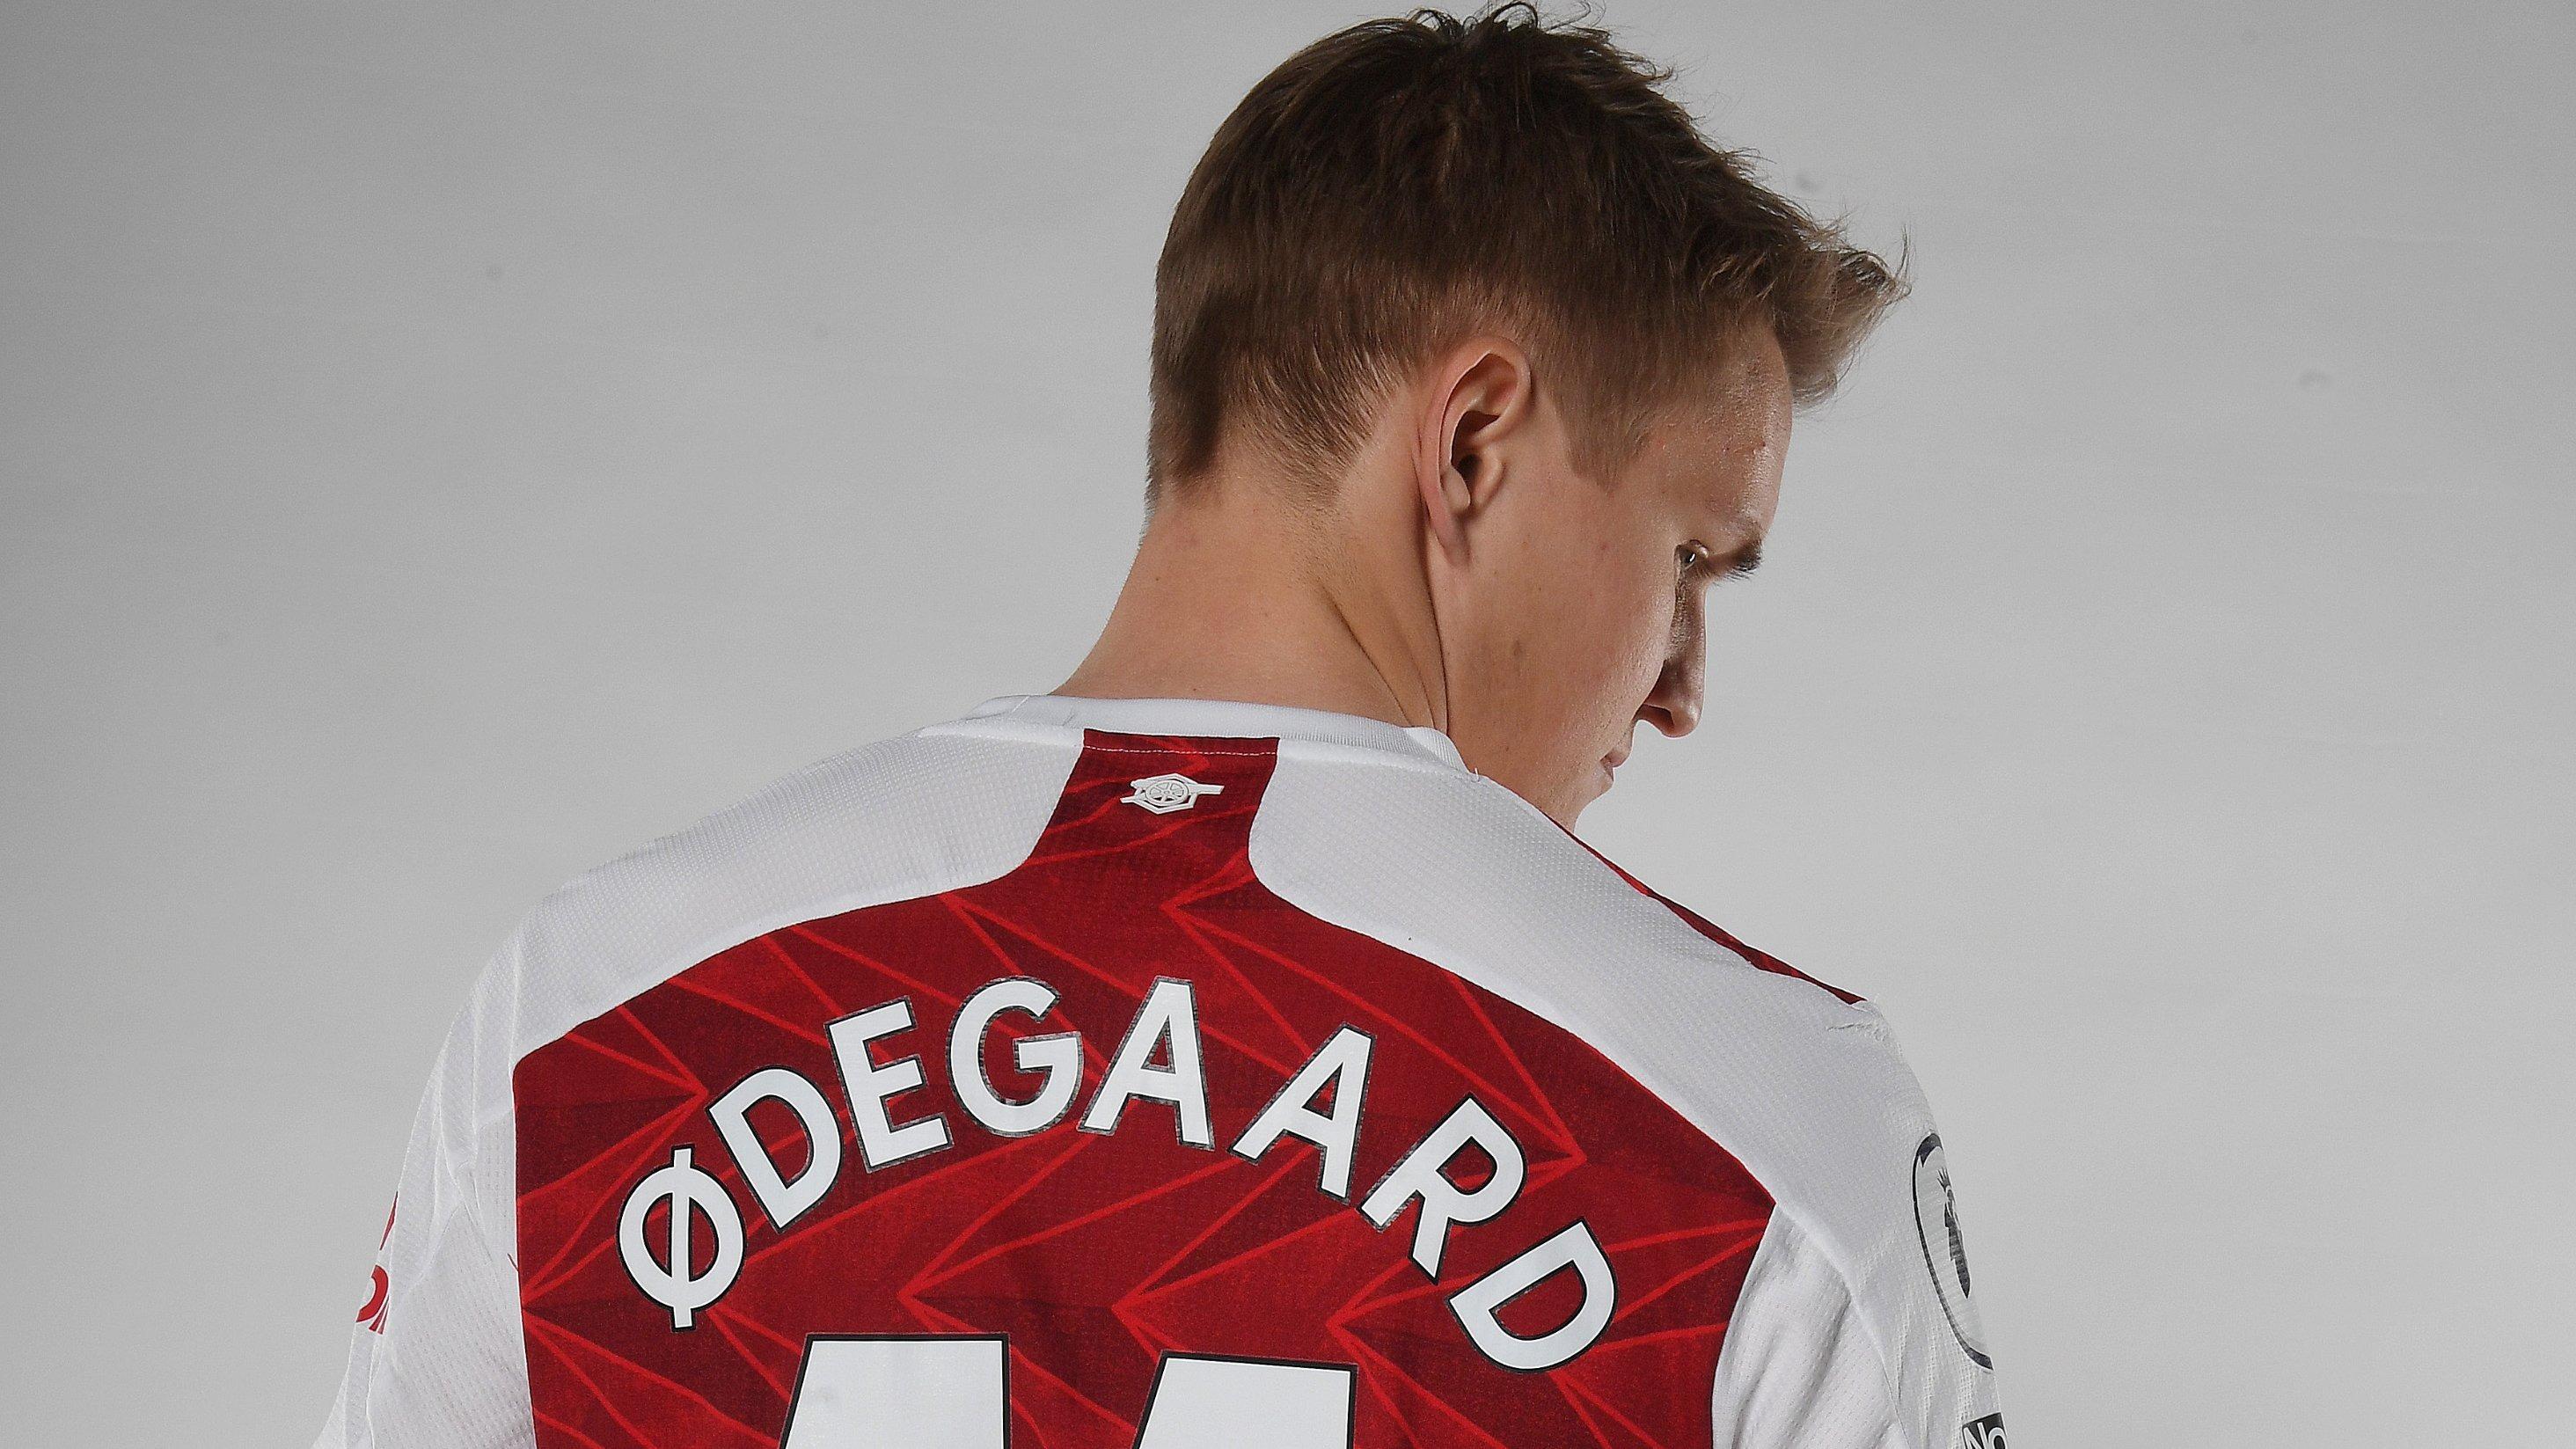 Martin Odegaard jugará con el número 11 en Arsenal